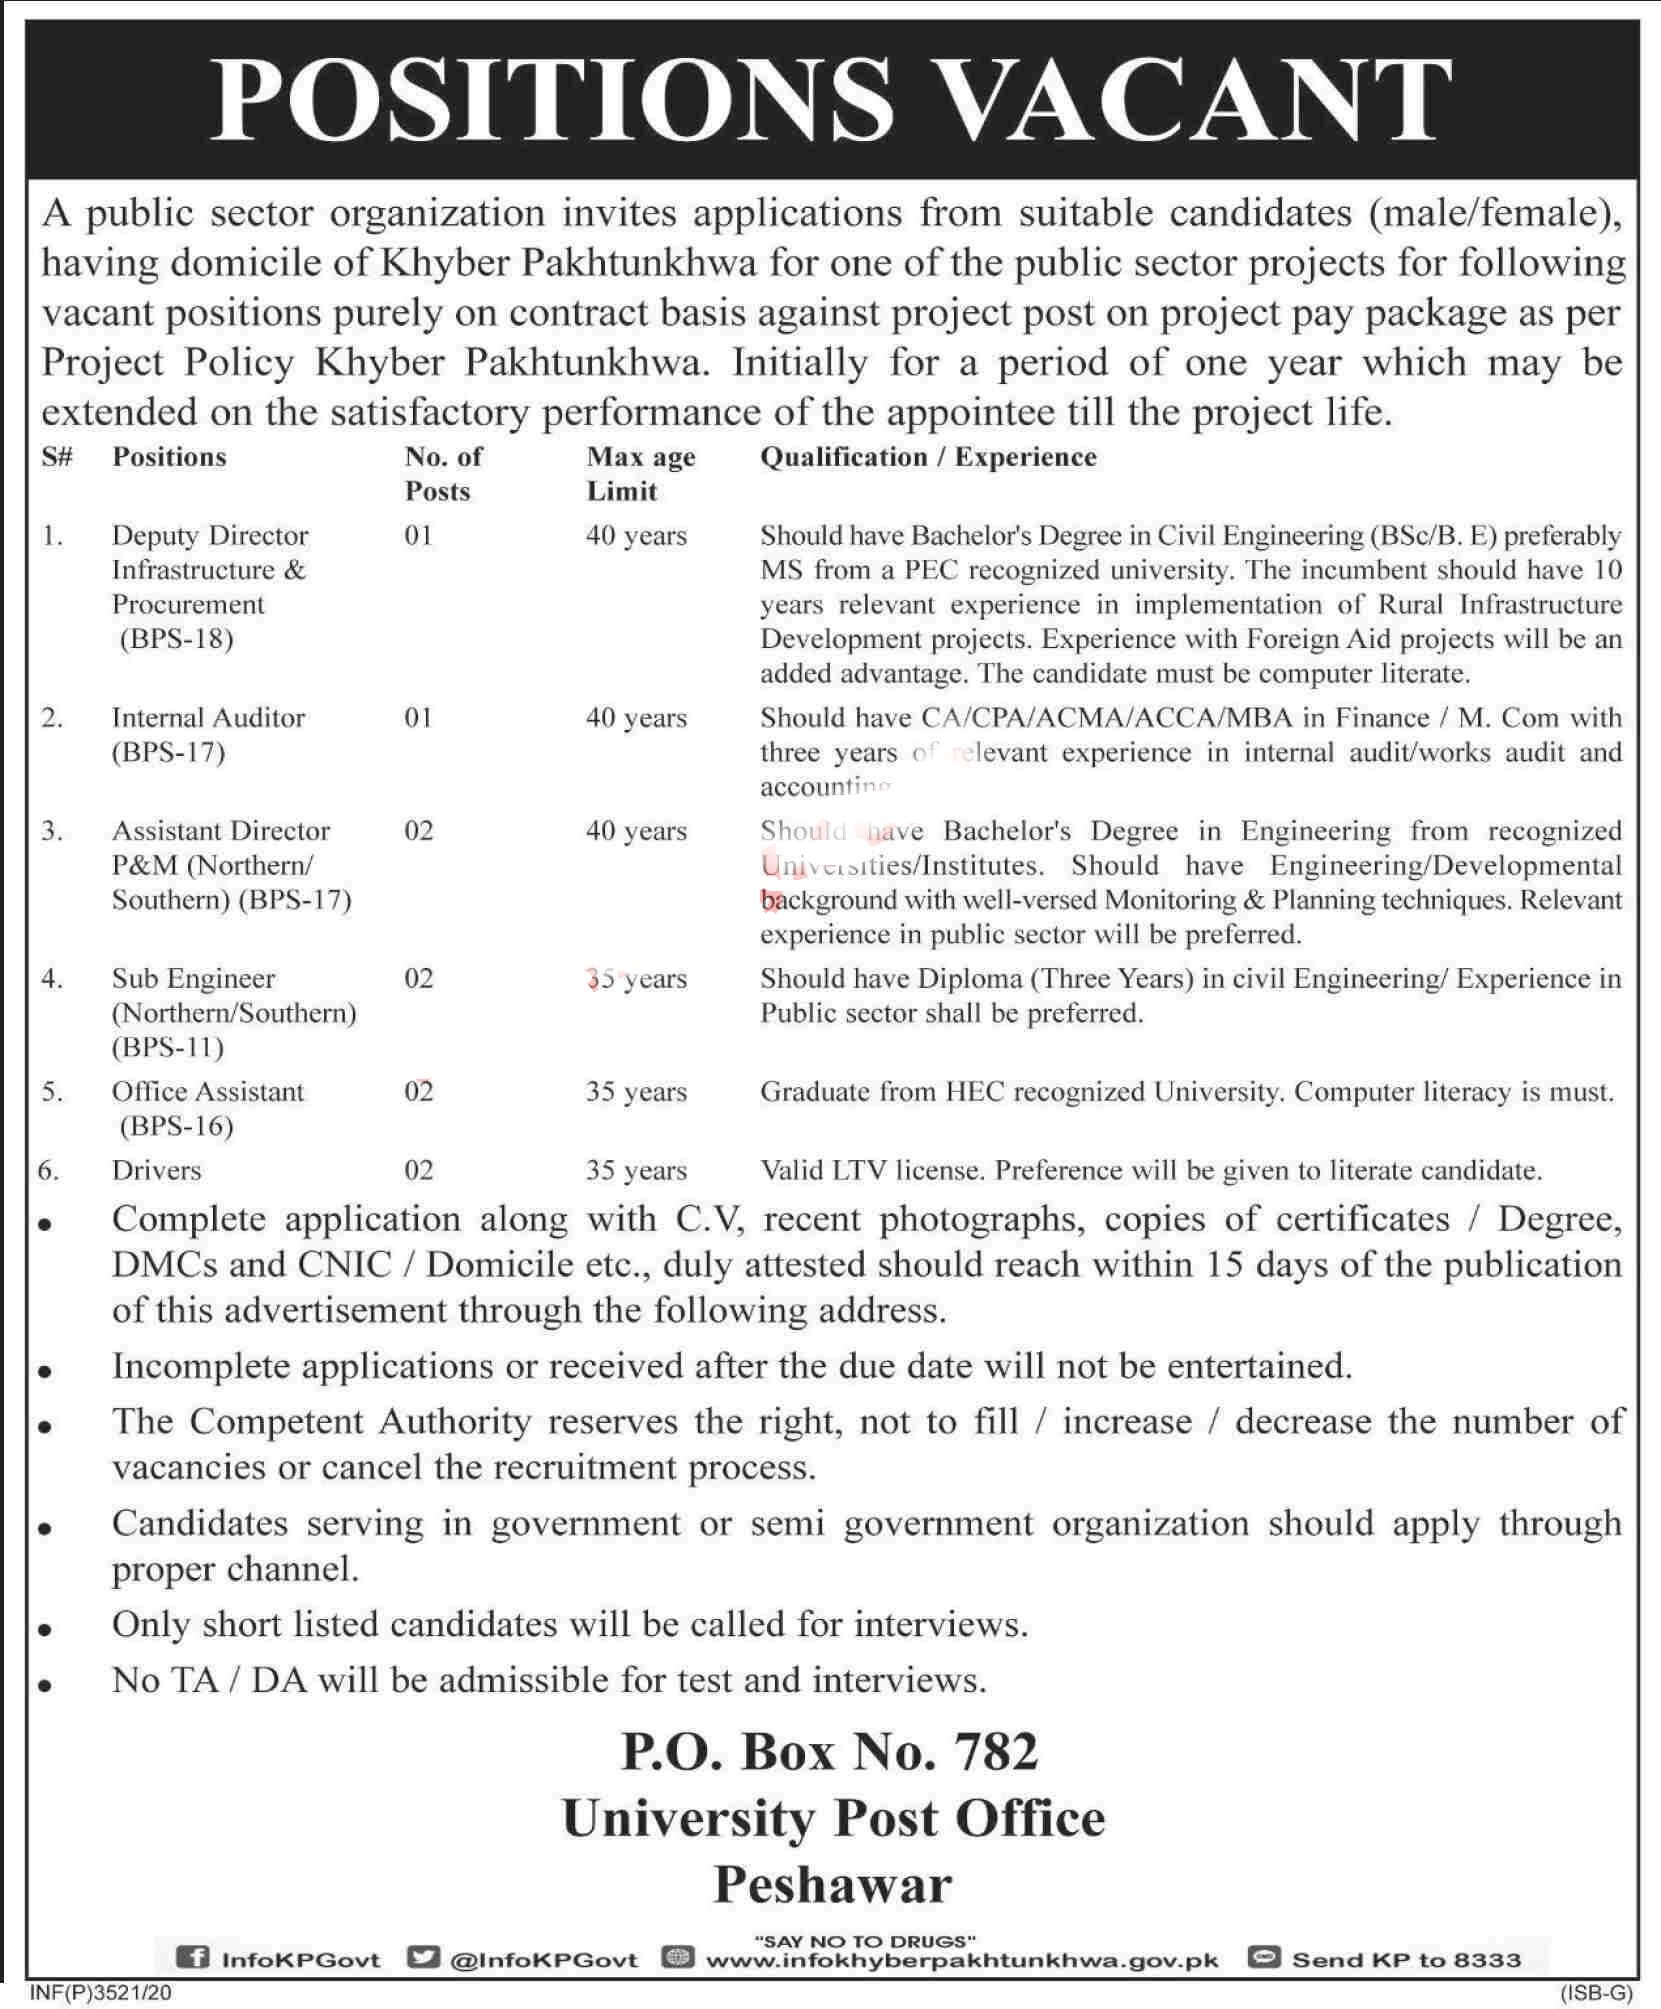 Peshawar Jobs 2020 KPK Government Latest Career Opportunities